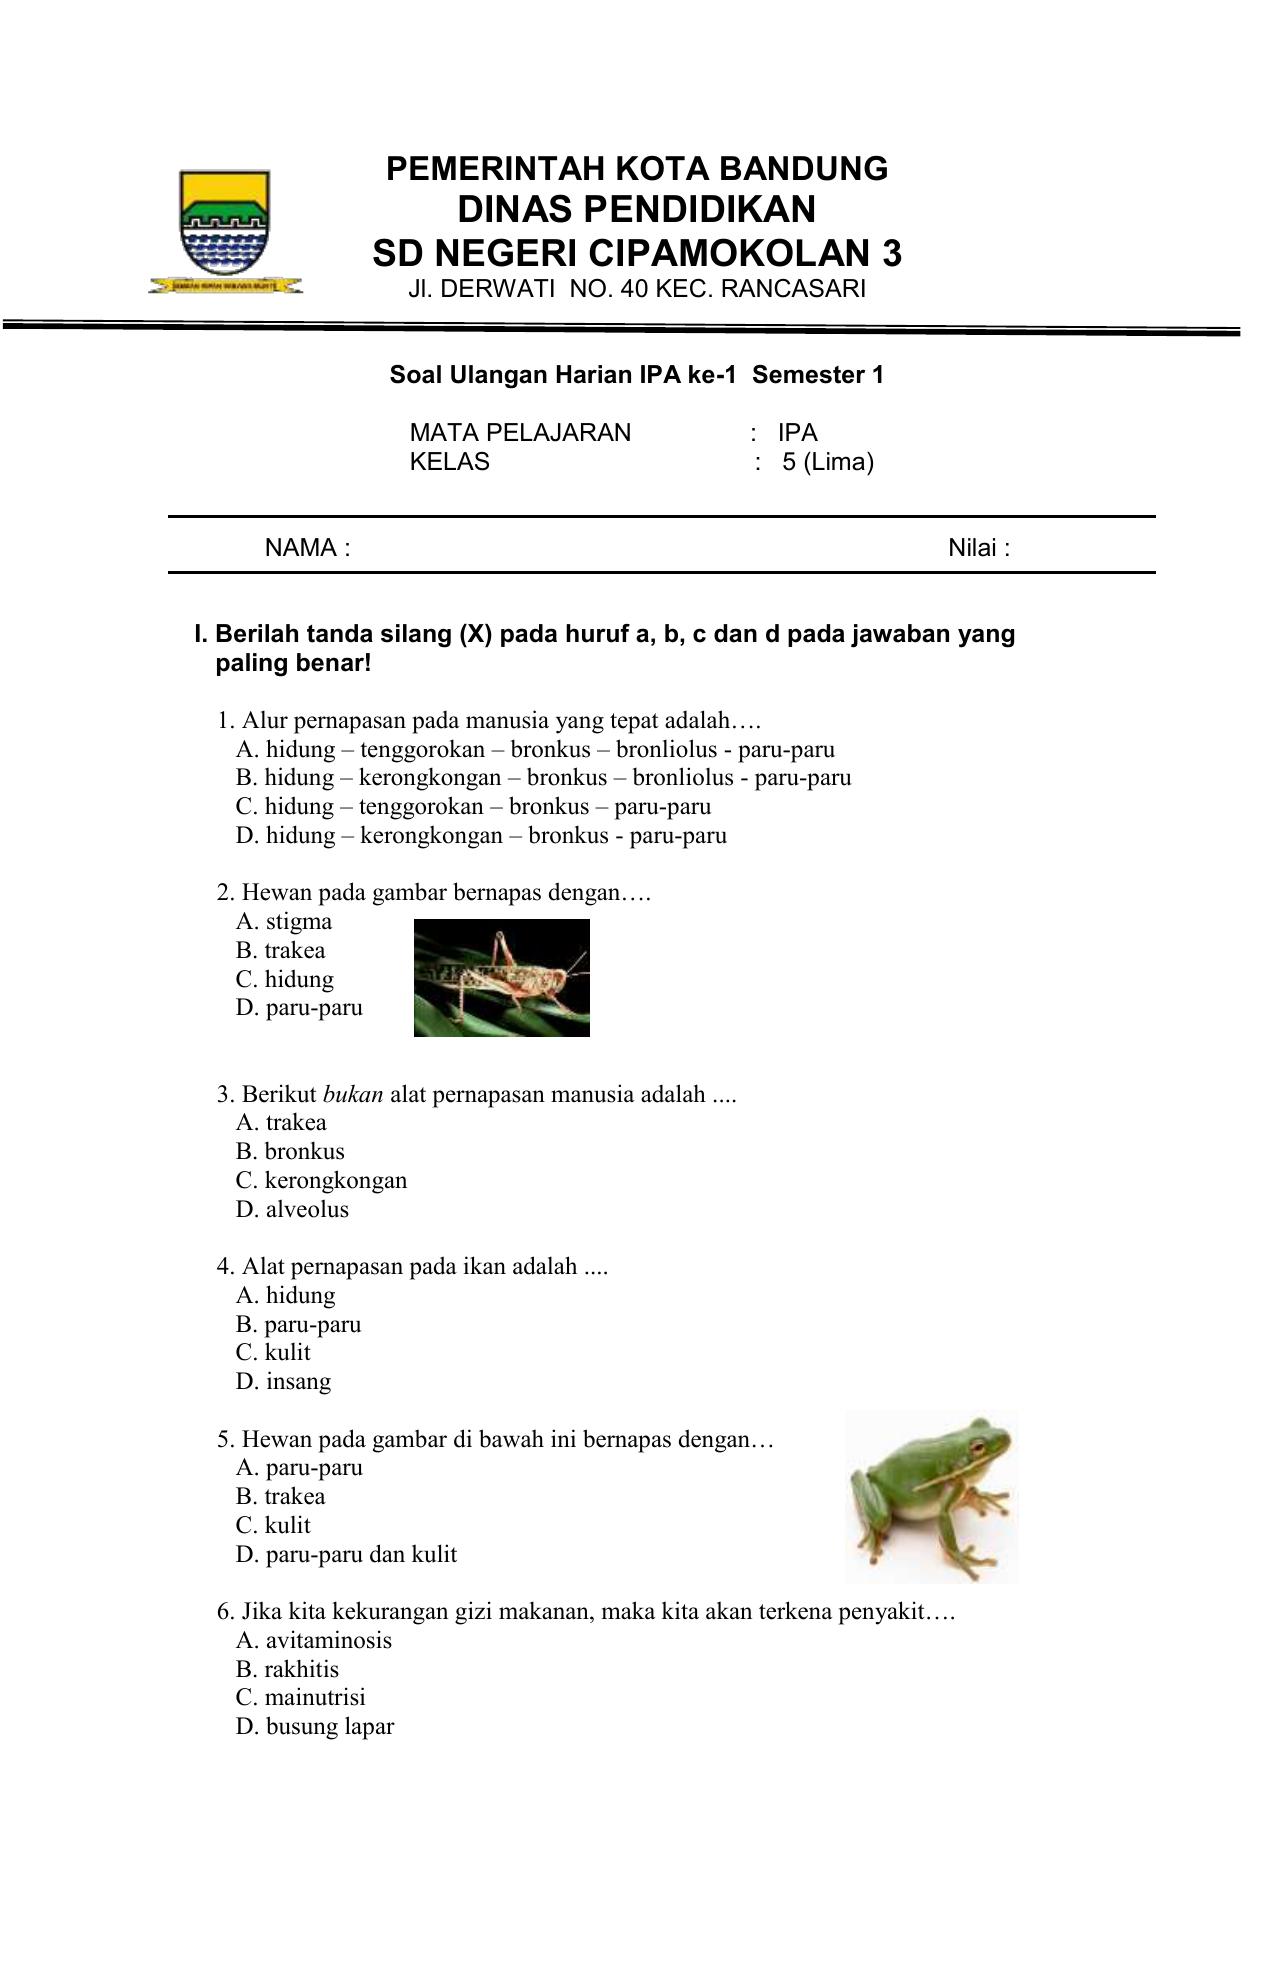 Soal Ulangan Harian 1 Kelas 5 Semester 1